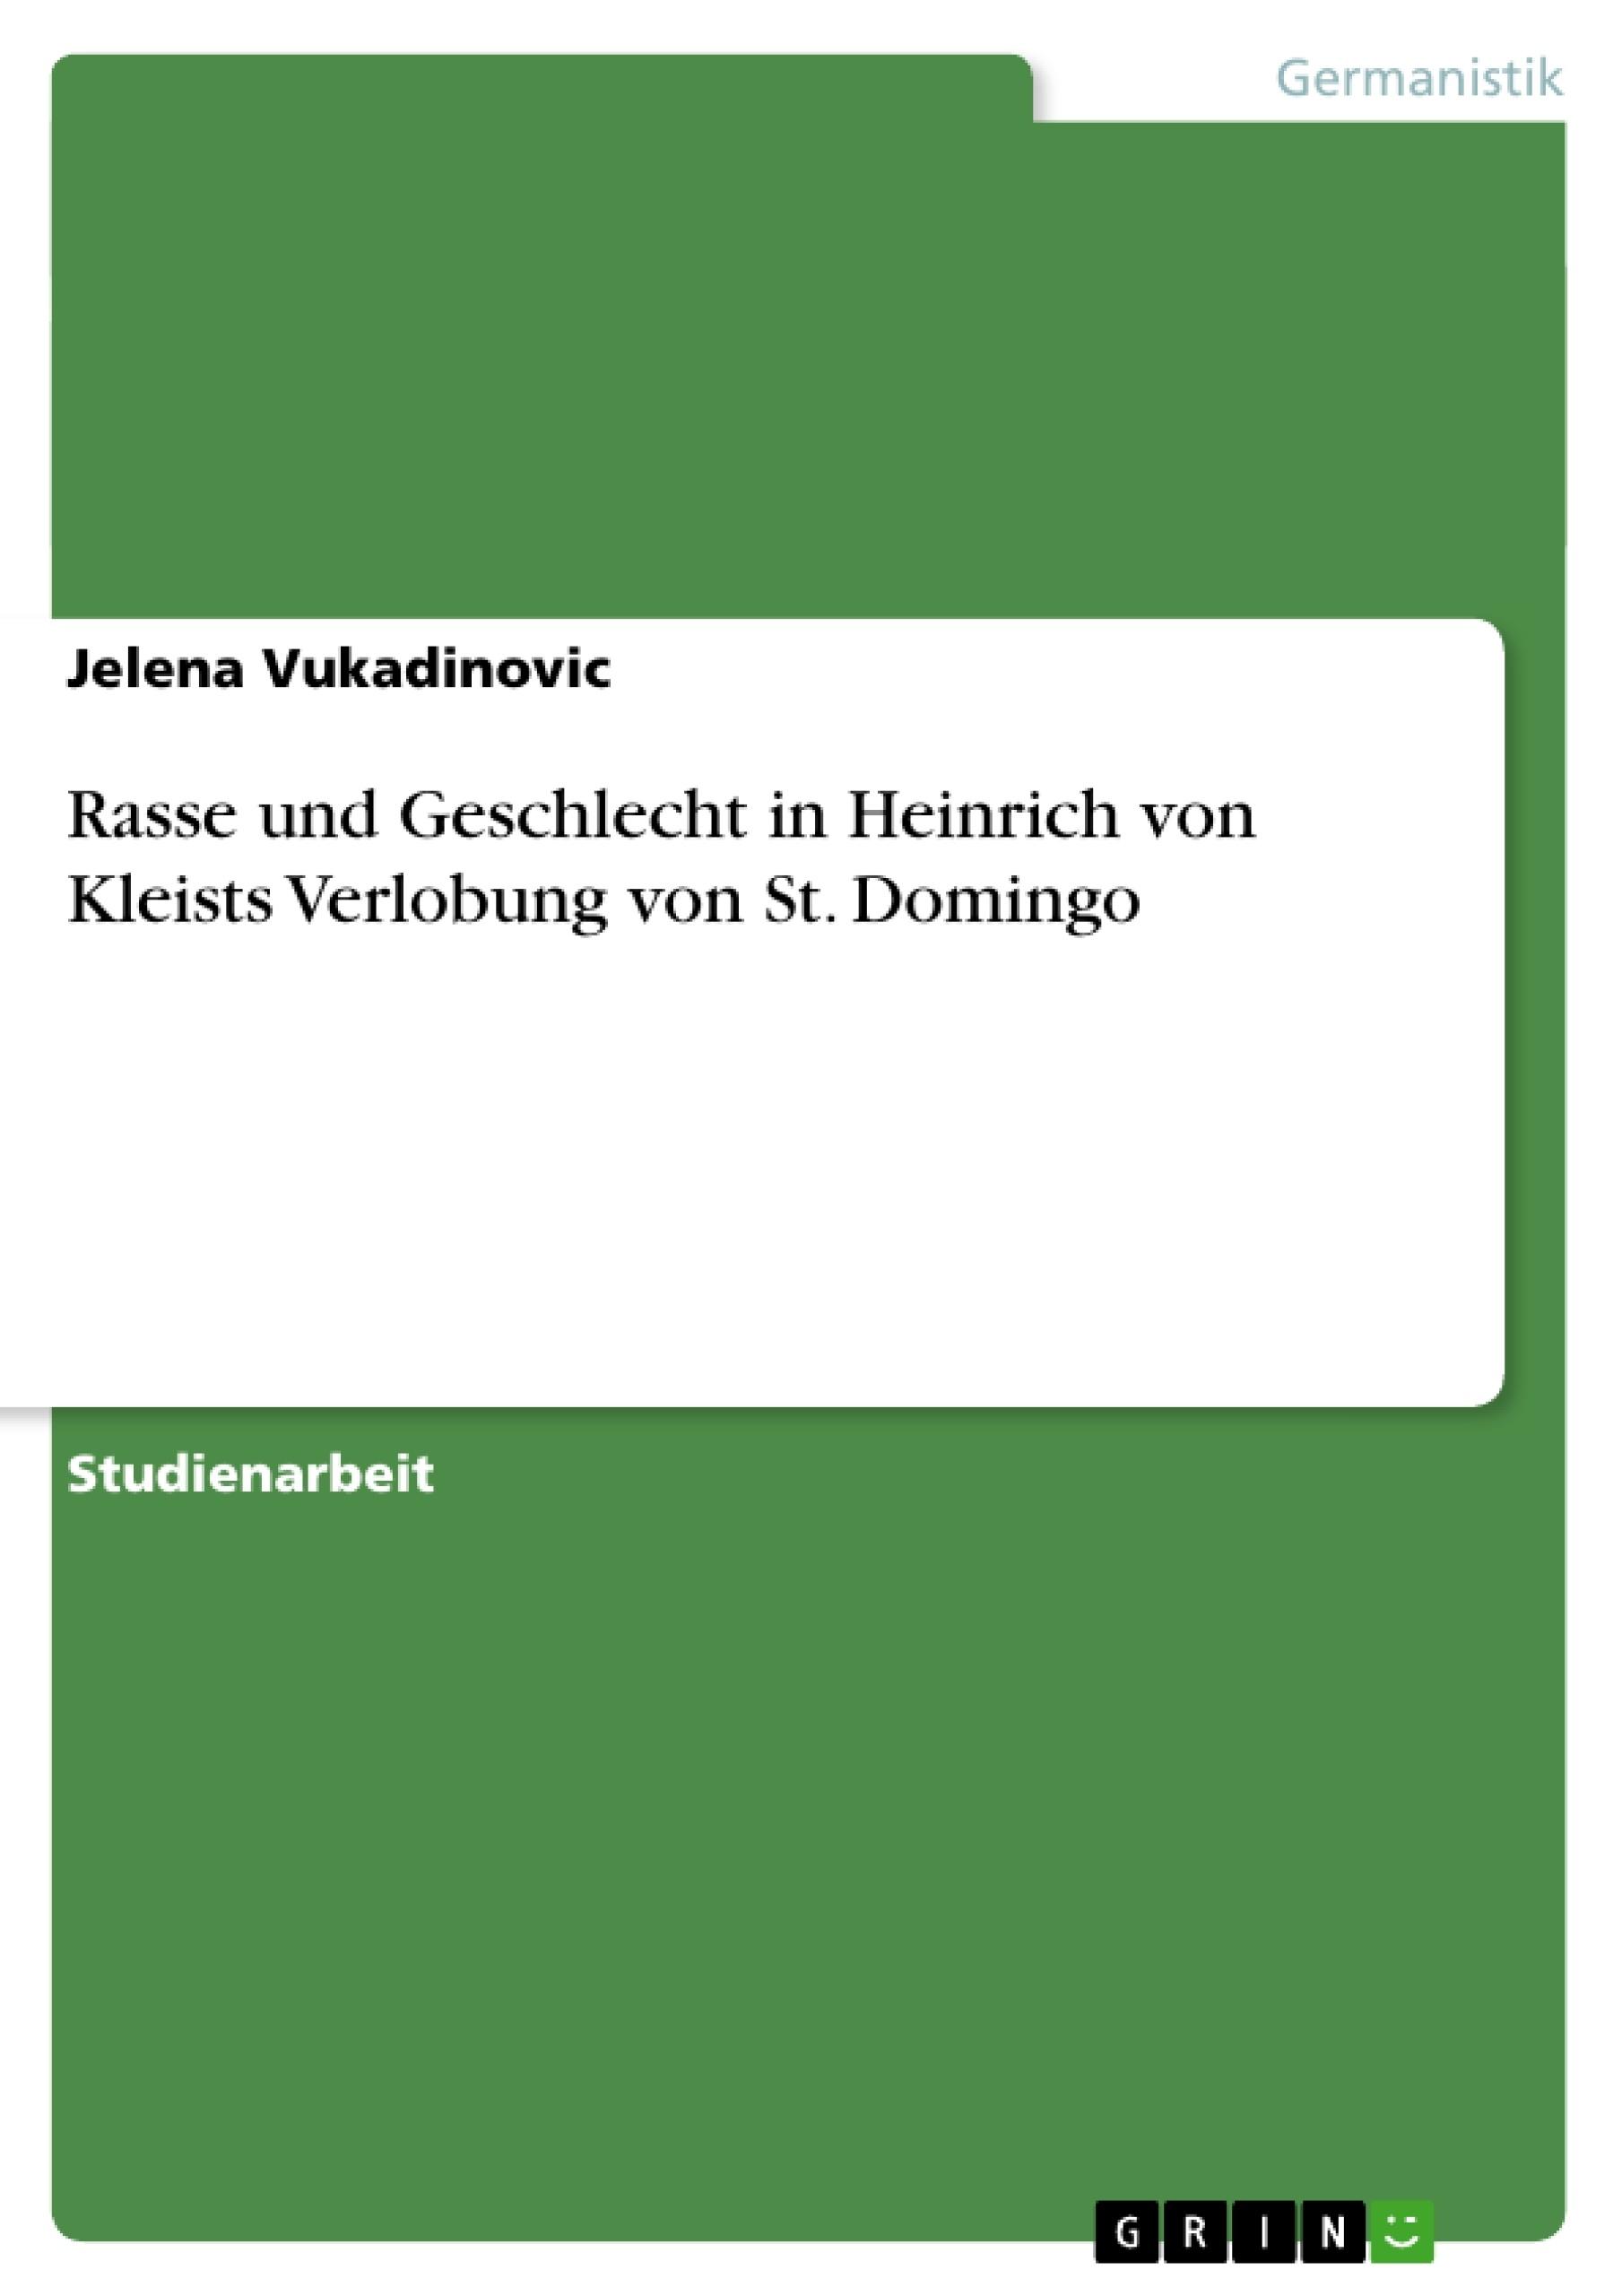 Titel: Rasse und Geschlecht in Heinrich von Kleists Verlobung von St. Domingo